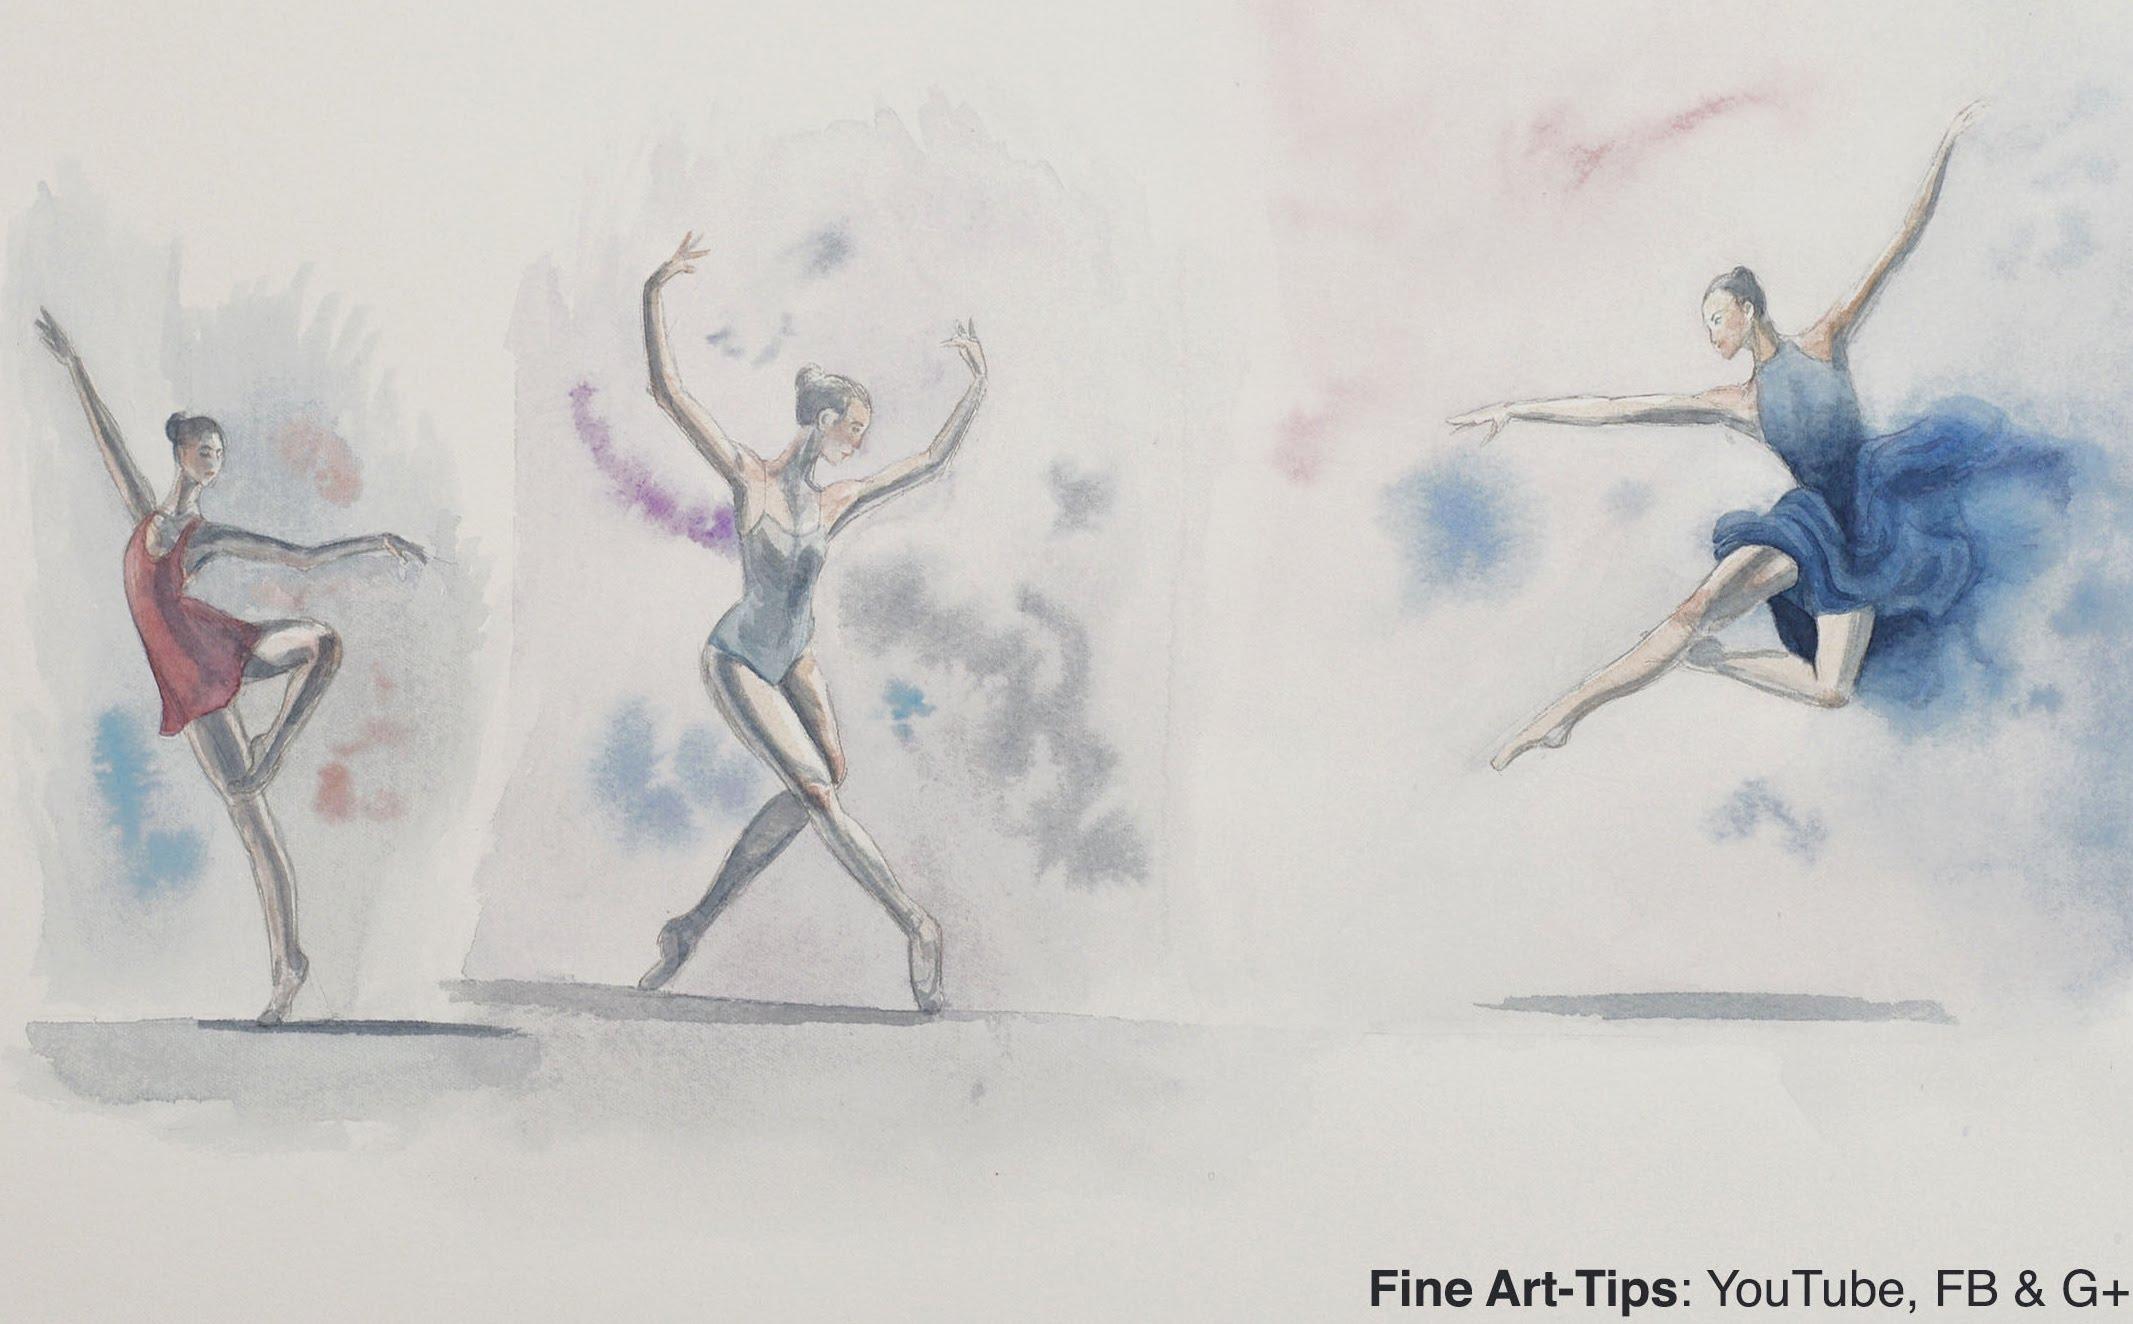 2133x1324 Ballerinas, How To Sketch Dancers In Watercolor